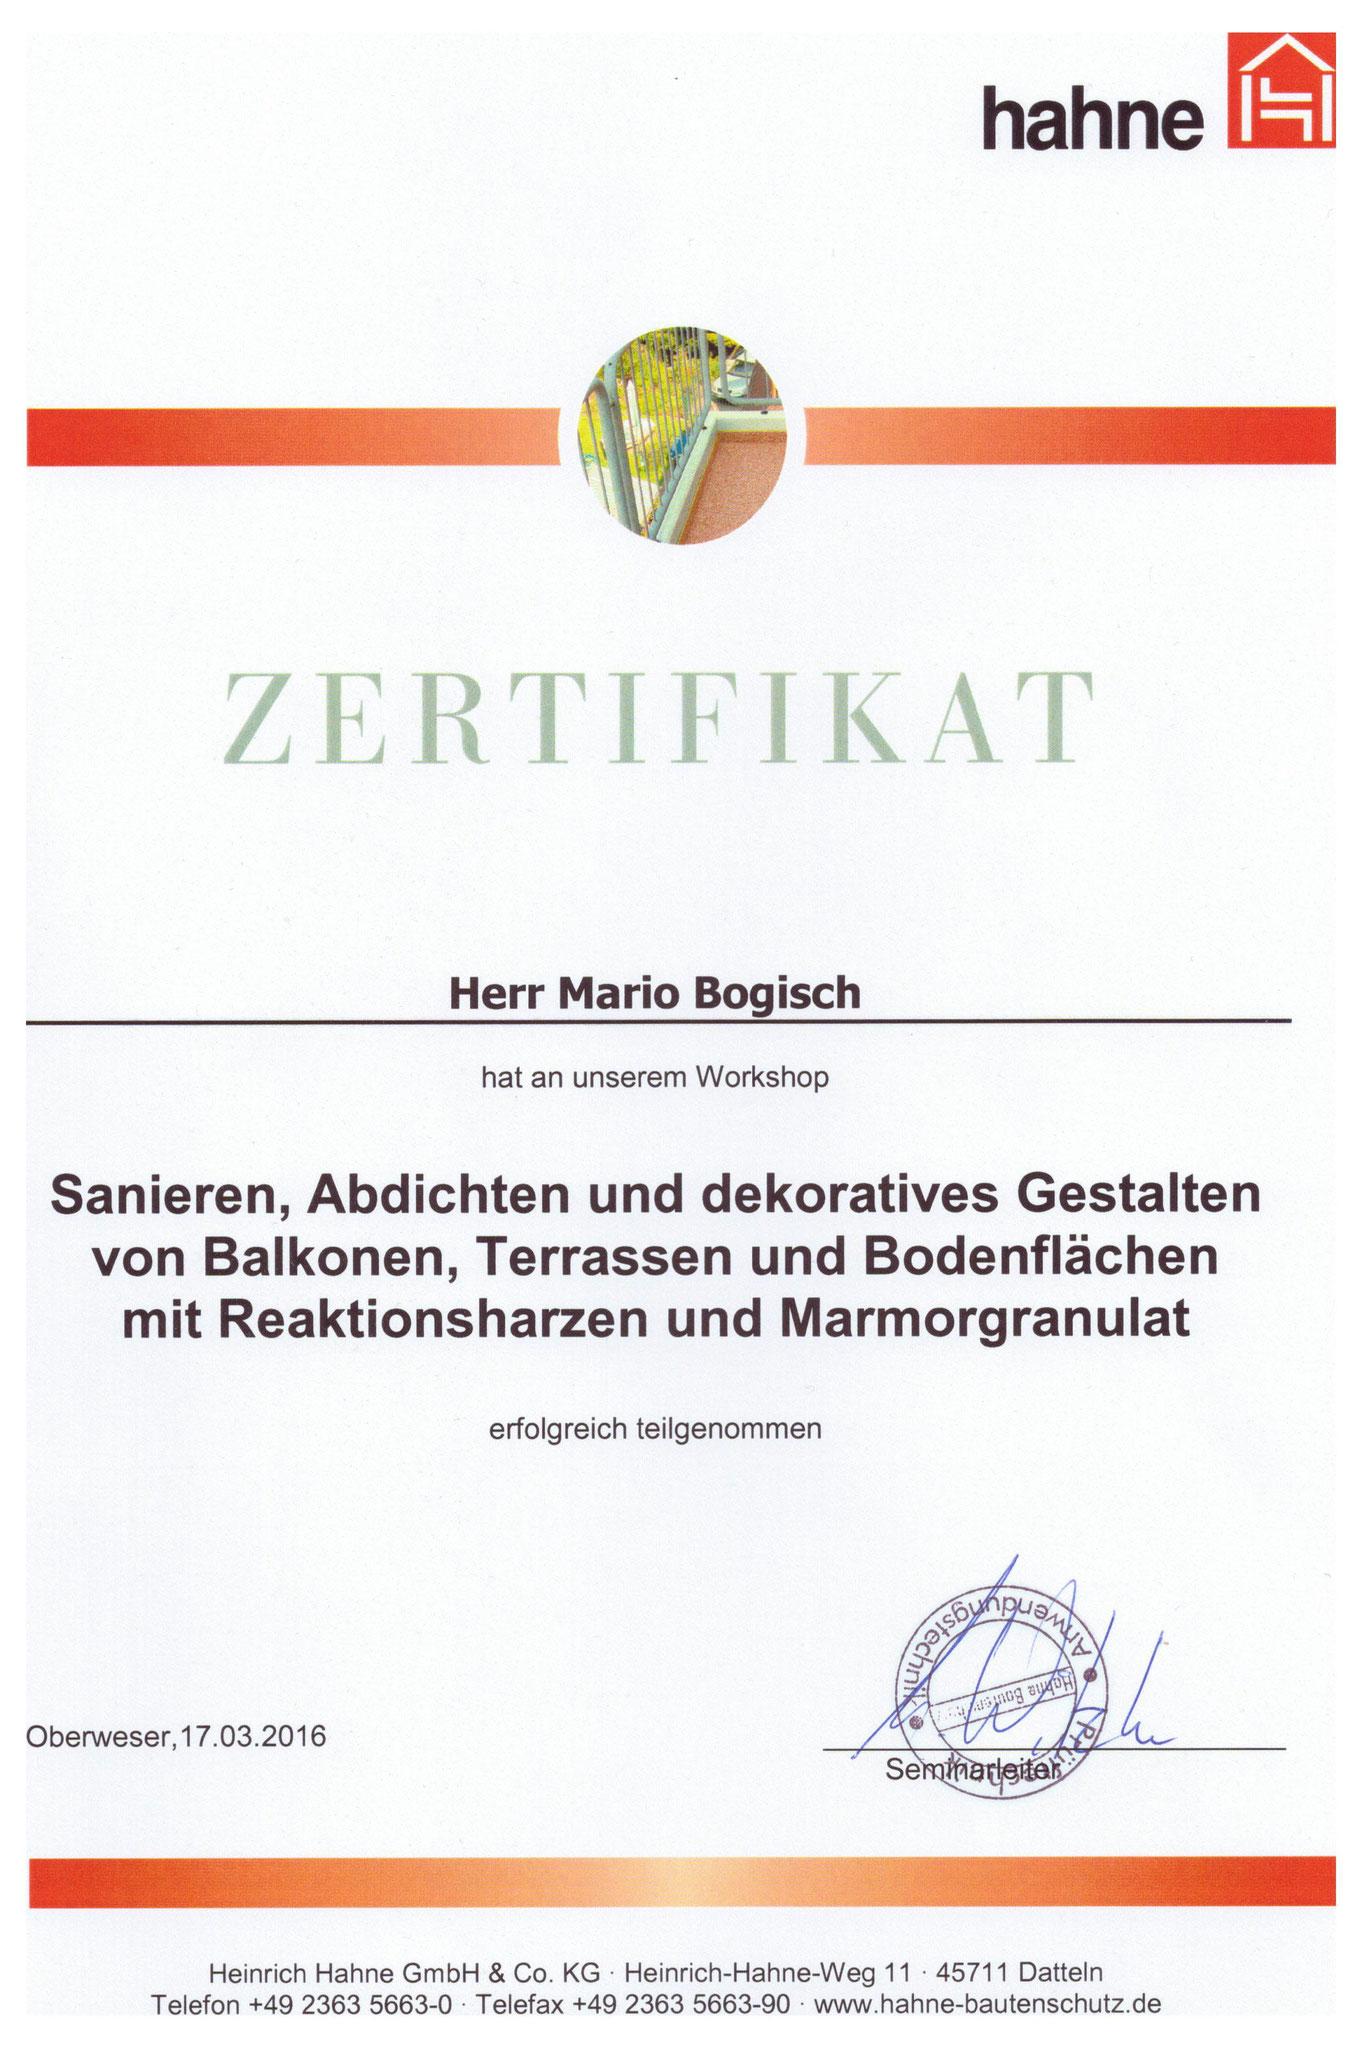 Zertifikat Terrassensanierung, Balkonsanierung, Bodensanierung  -  Mario Bogisch Bausysteme